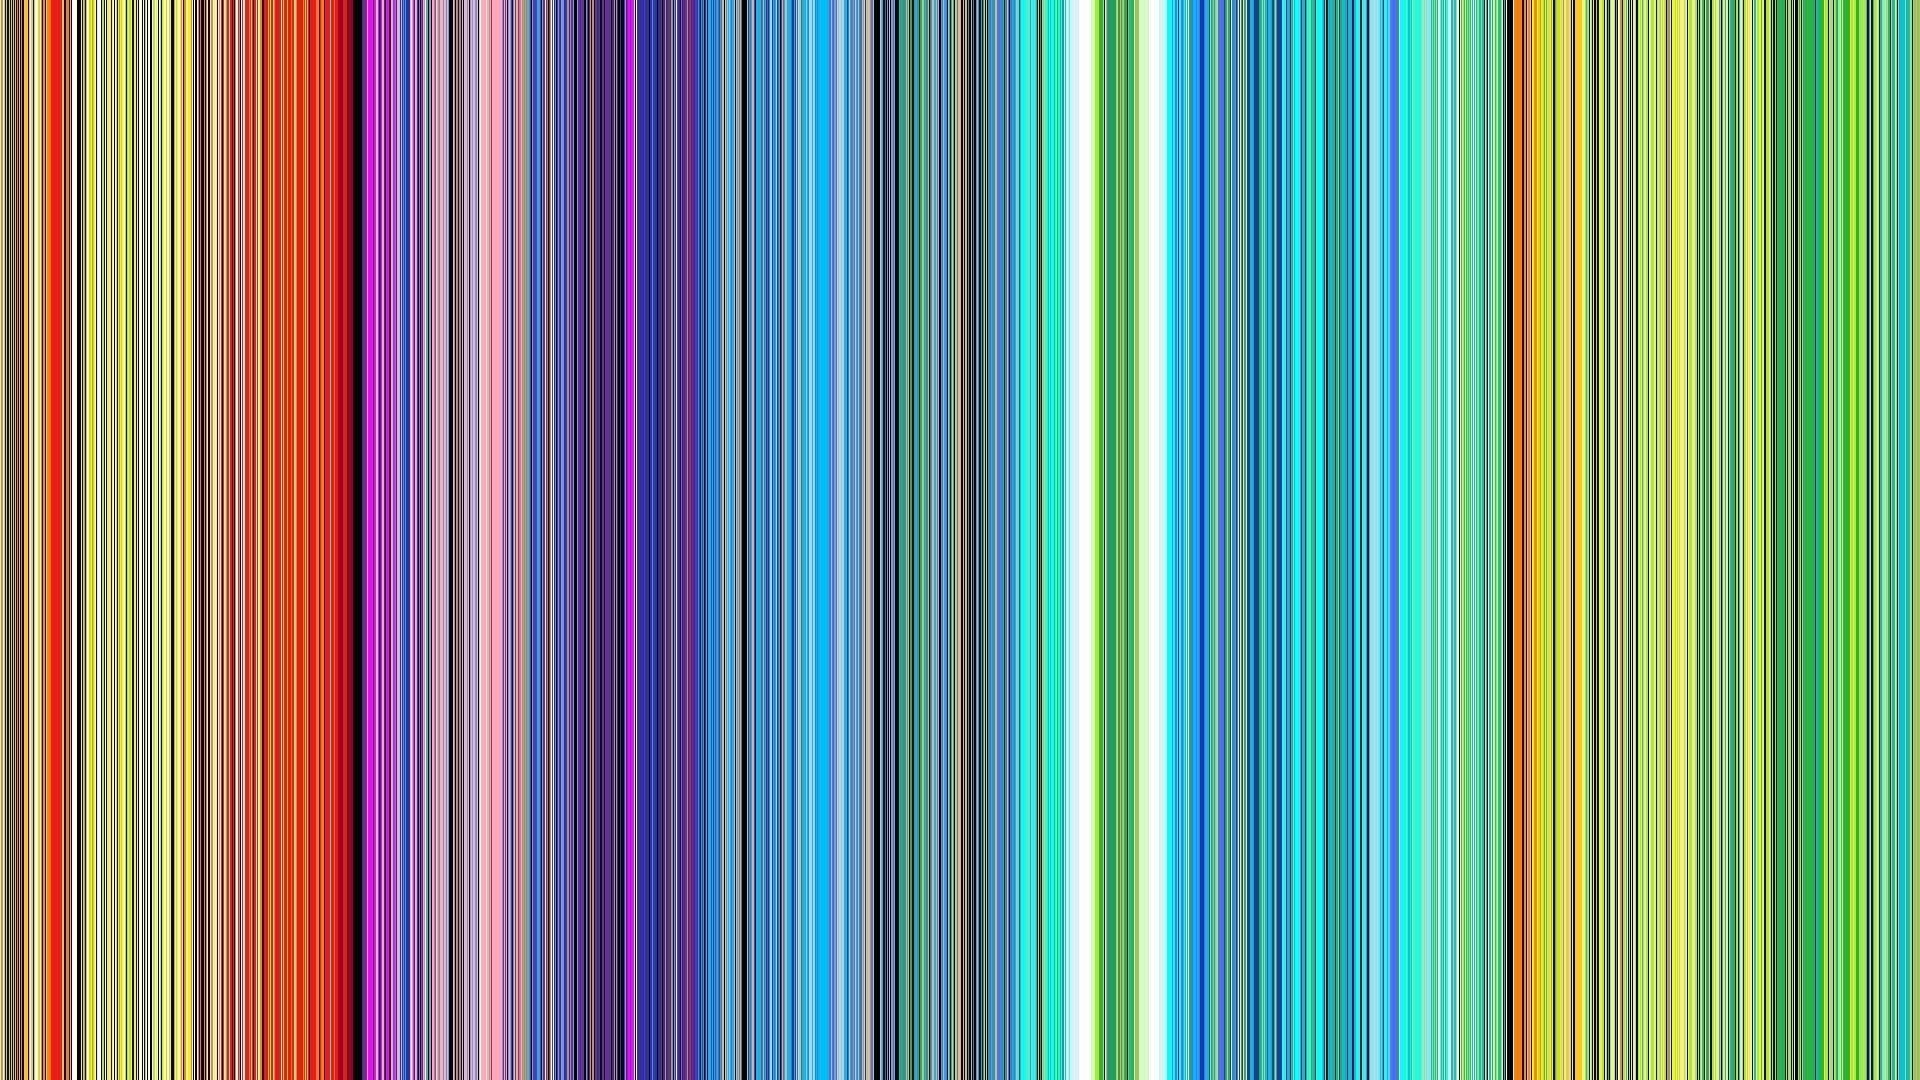 Hd wallpaper sunset beach - Vertical Hd Wallpaper Wallpapersafari